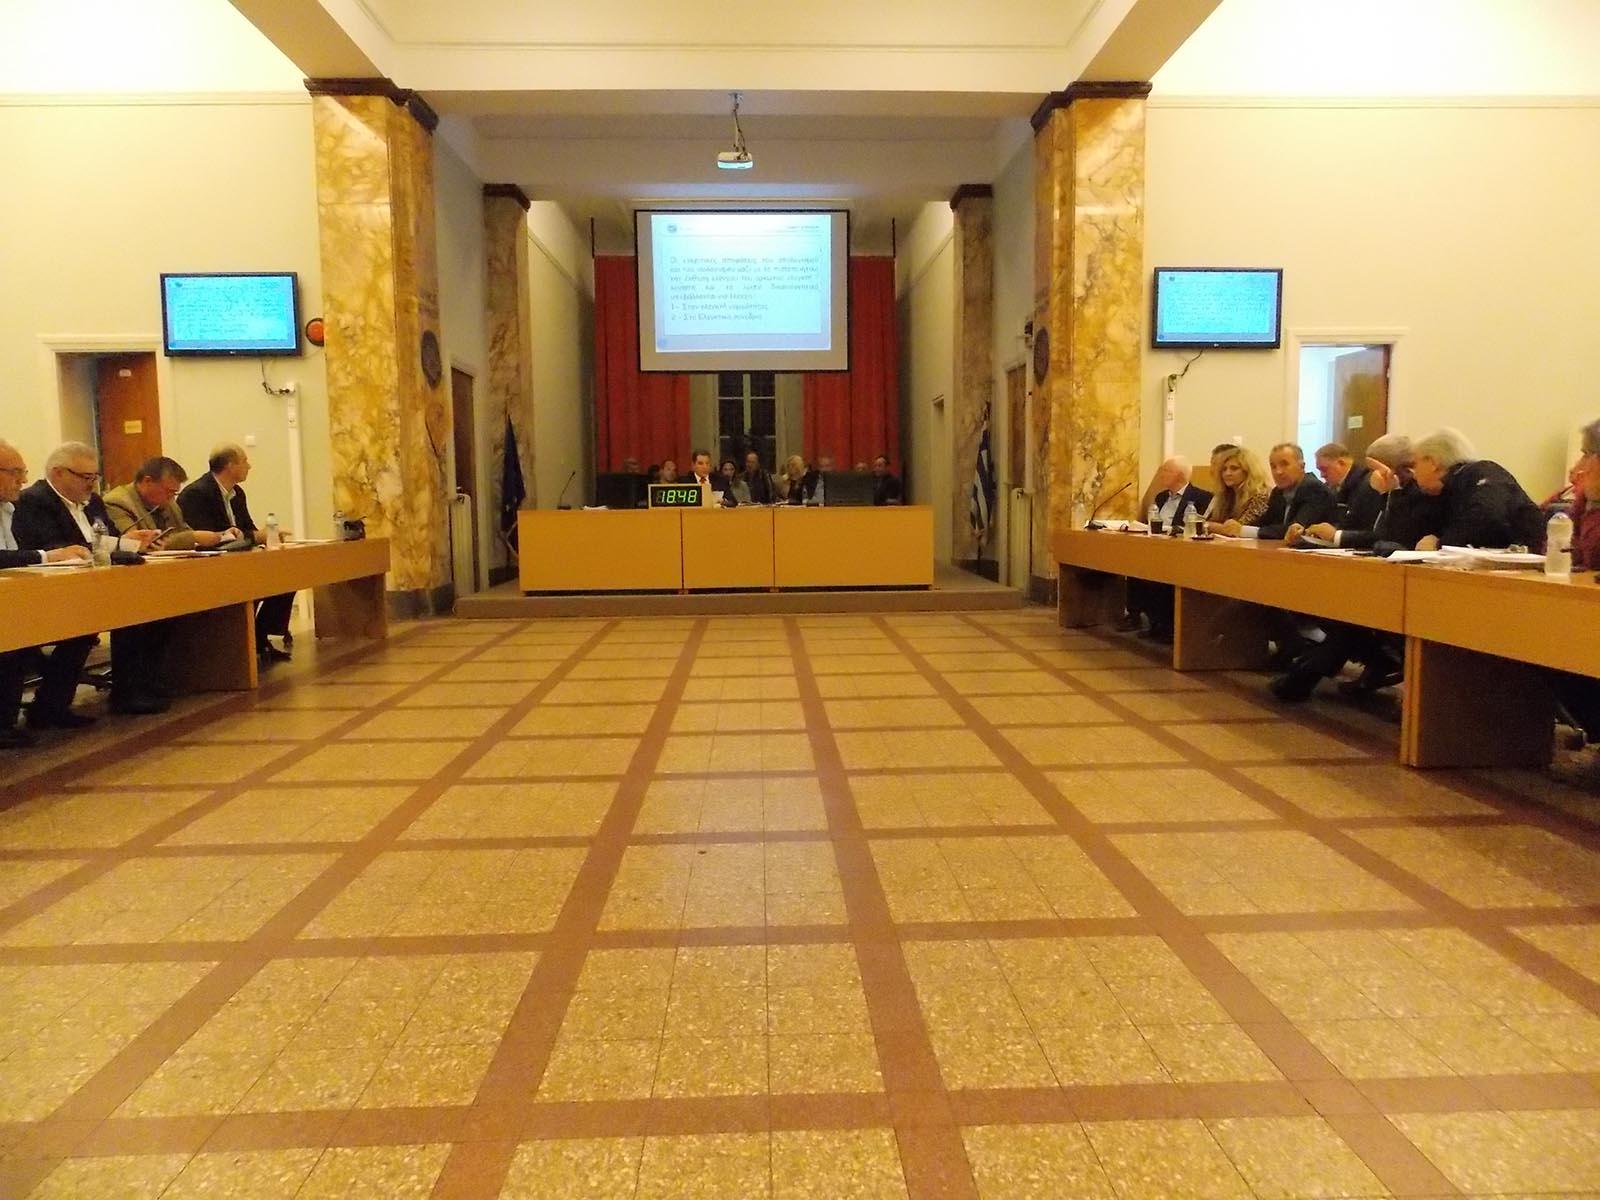 Με μεγάλη ατζέντα συνεδριάζει την Δευτέρα δημοτικού συμβουλίου Αγρινίου